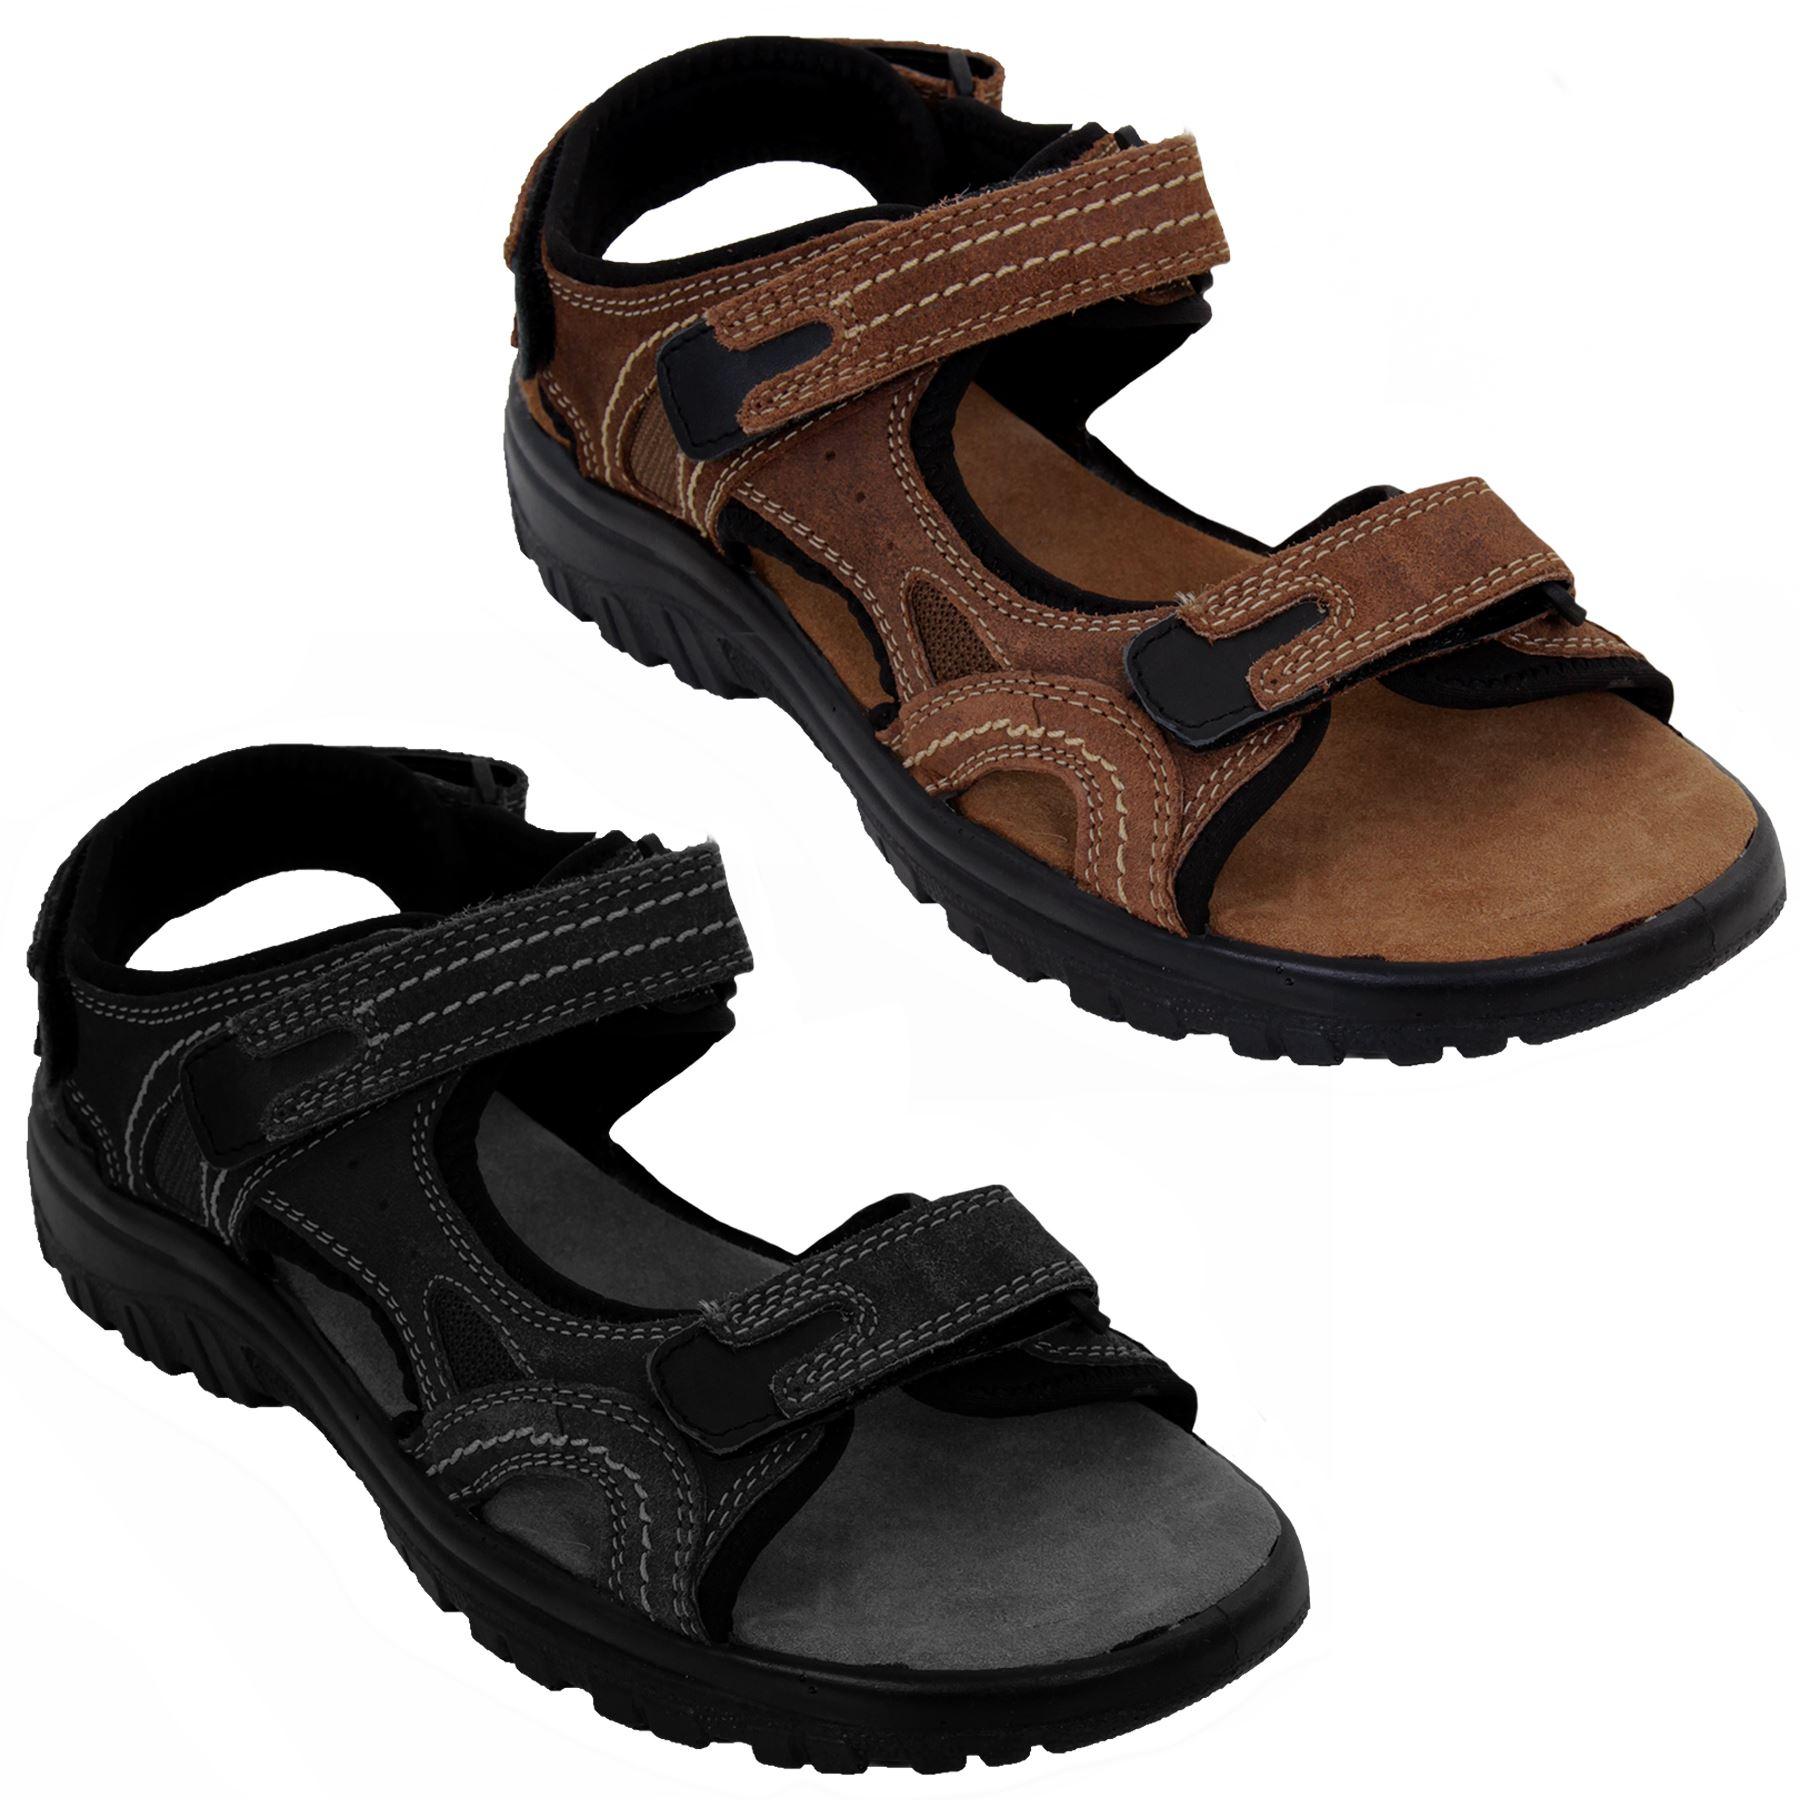 Réglable Sandales Sangle Plage Été Marche Chaussures Confort Homme l1KcFJ